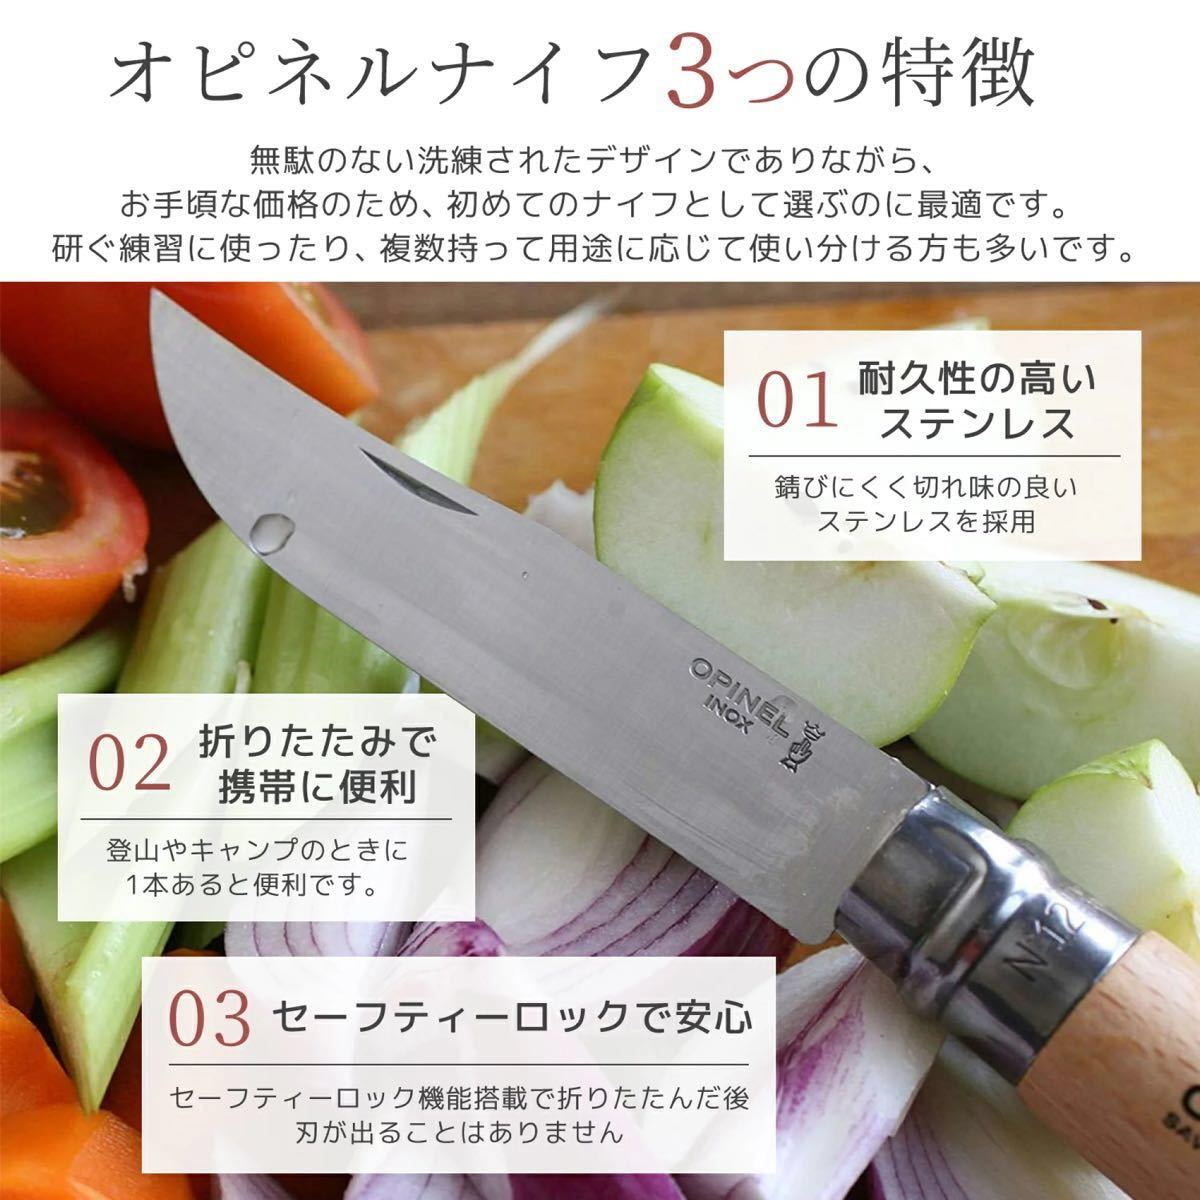 オピネルナイフ #12 12cm  新品 ソロキャンプに オススメ OPINEL ステンレススチール 折りたたみナイフ